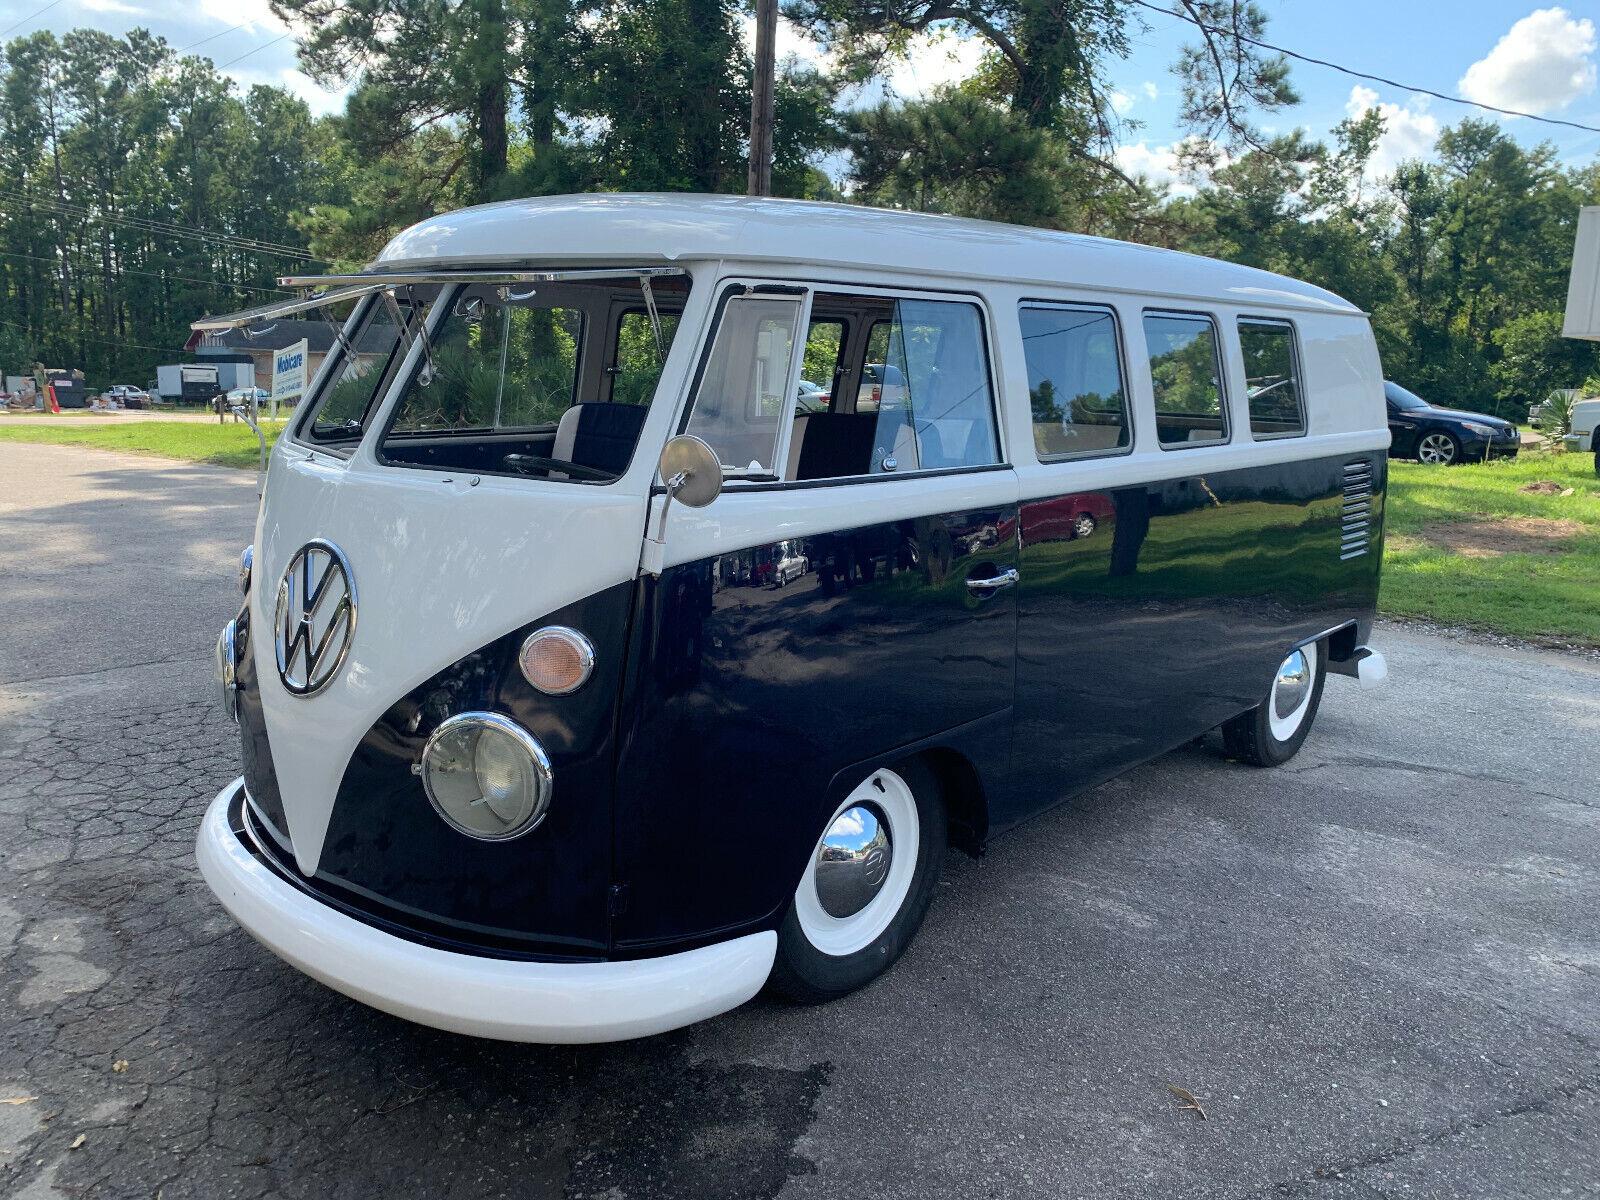 1965 Volkswagen Bus/Vanagon  Restored 1965 Split Window bus with lots of custom details